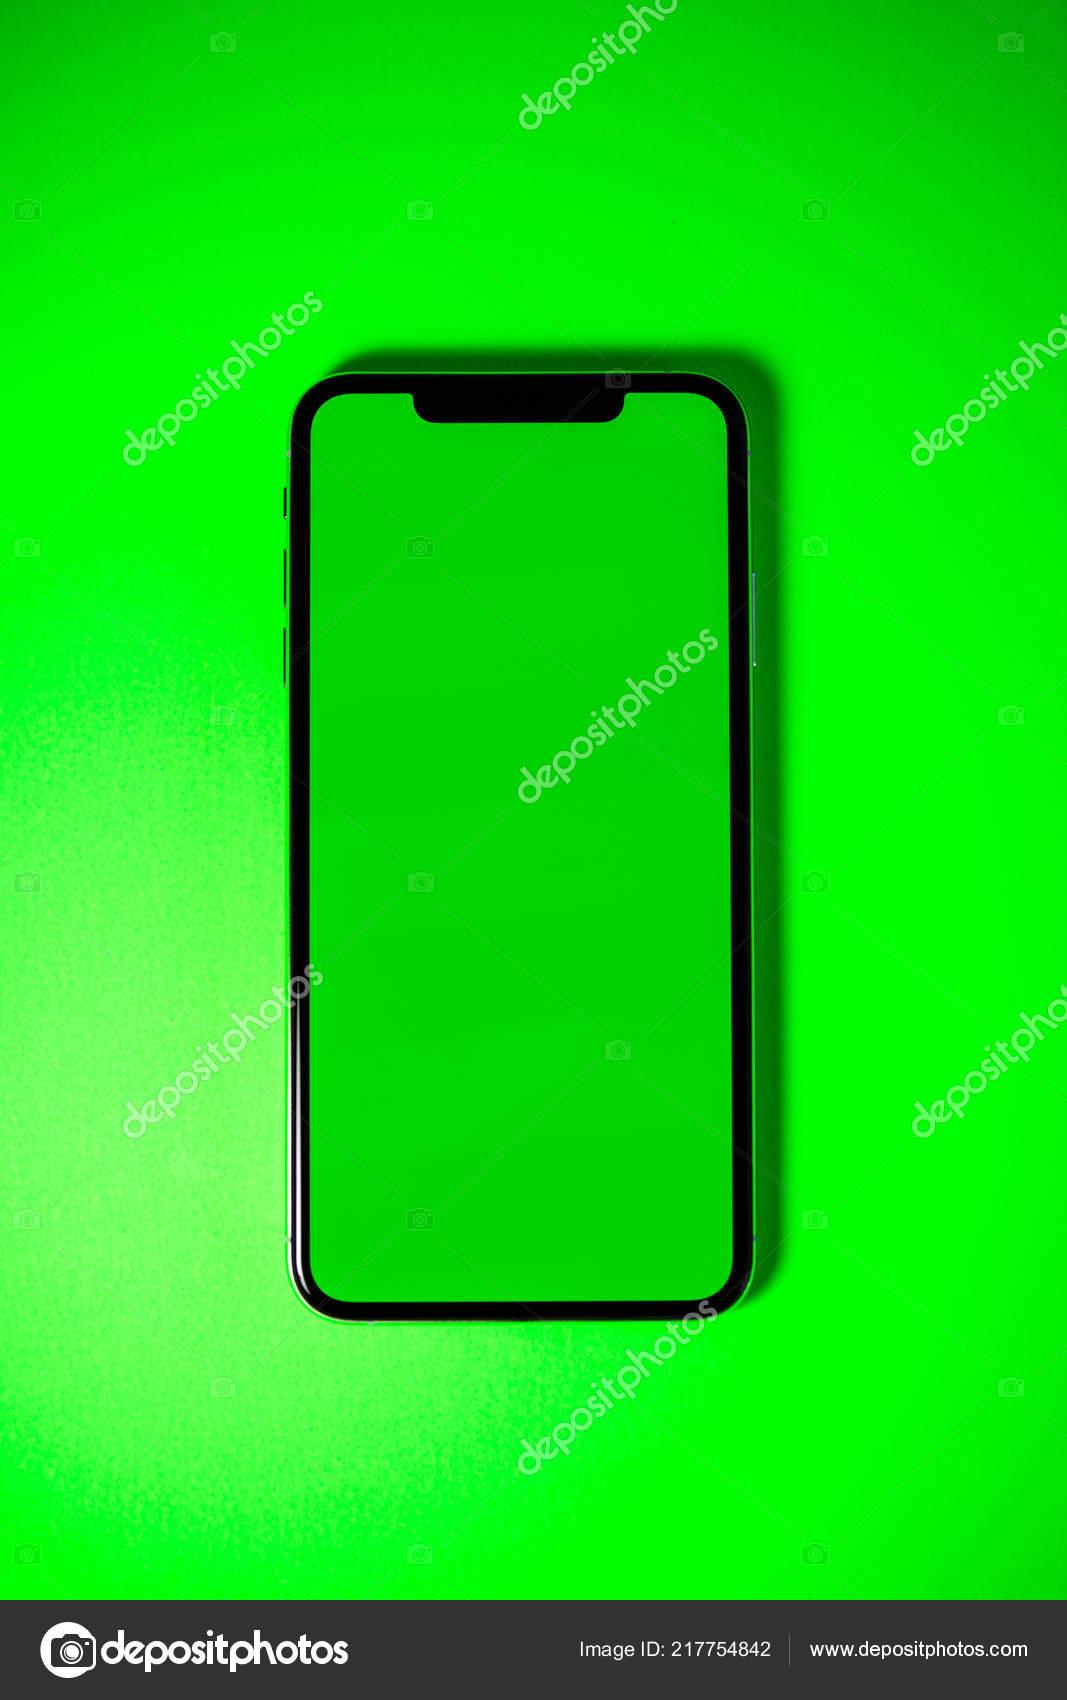 Apple Iphone Xs Max Sfondo Verde Vibrante Chroma Chiave Foto